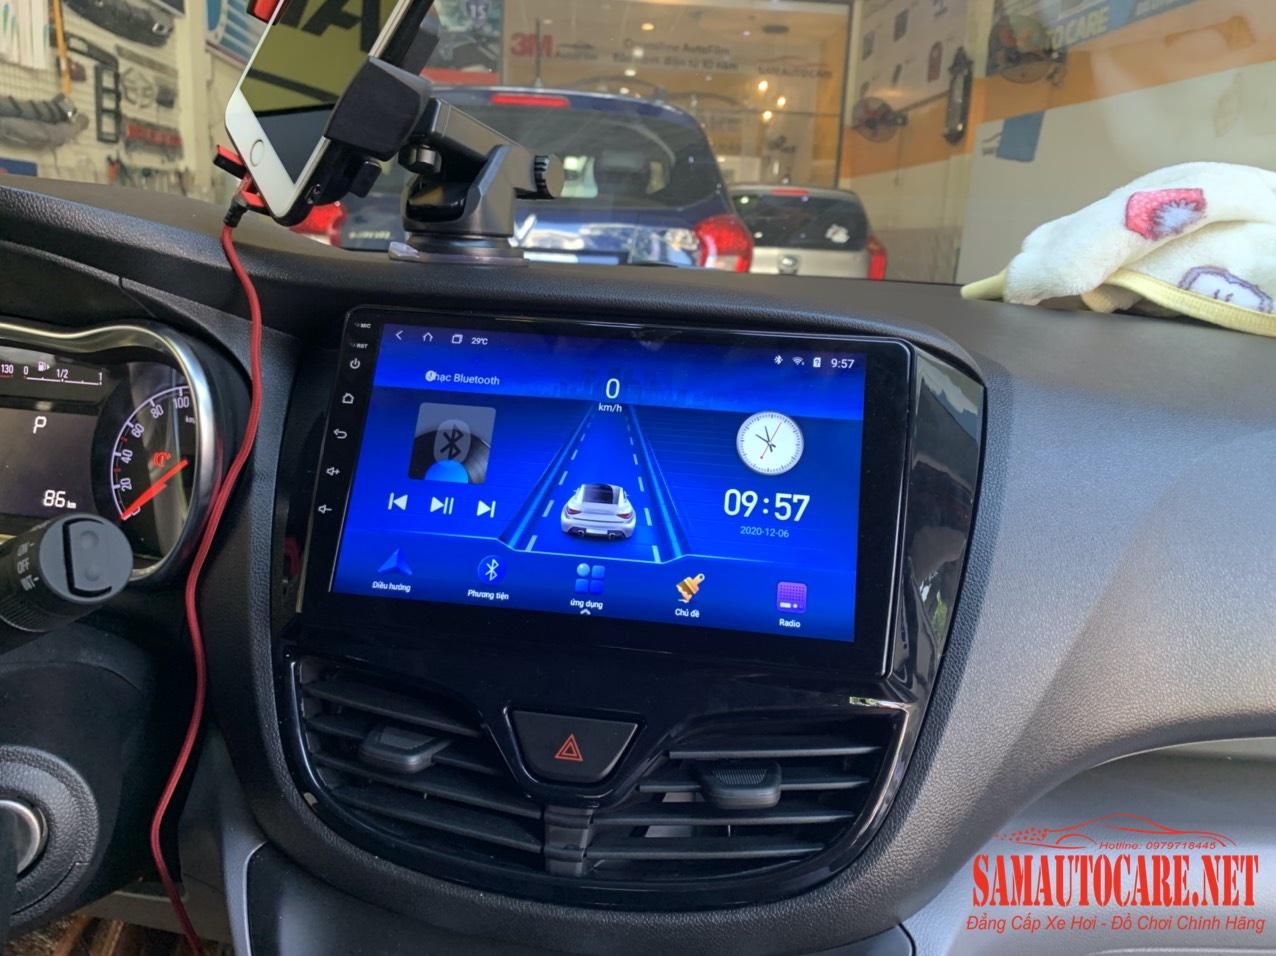 Màn Hình Android Stech S200 Xe Fadil